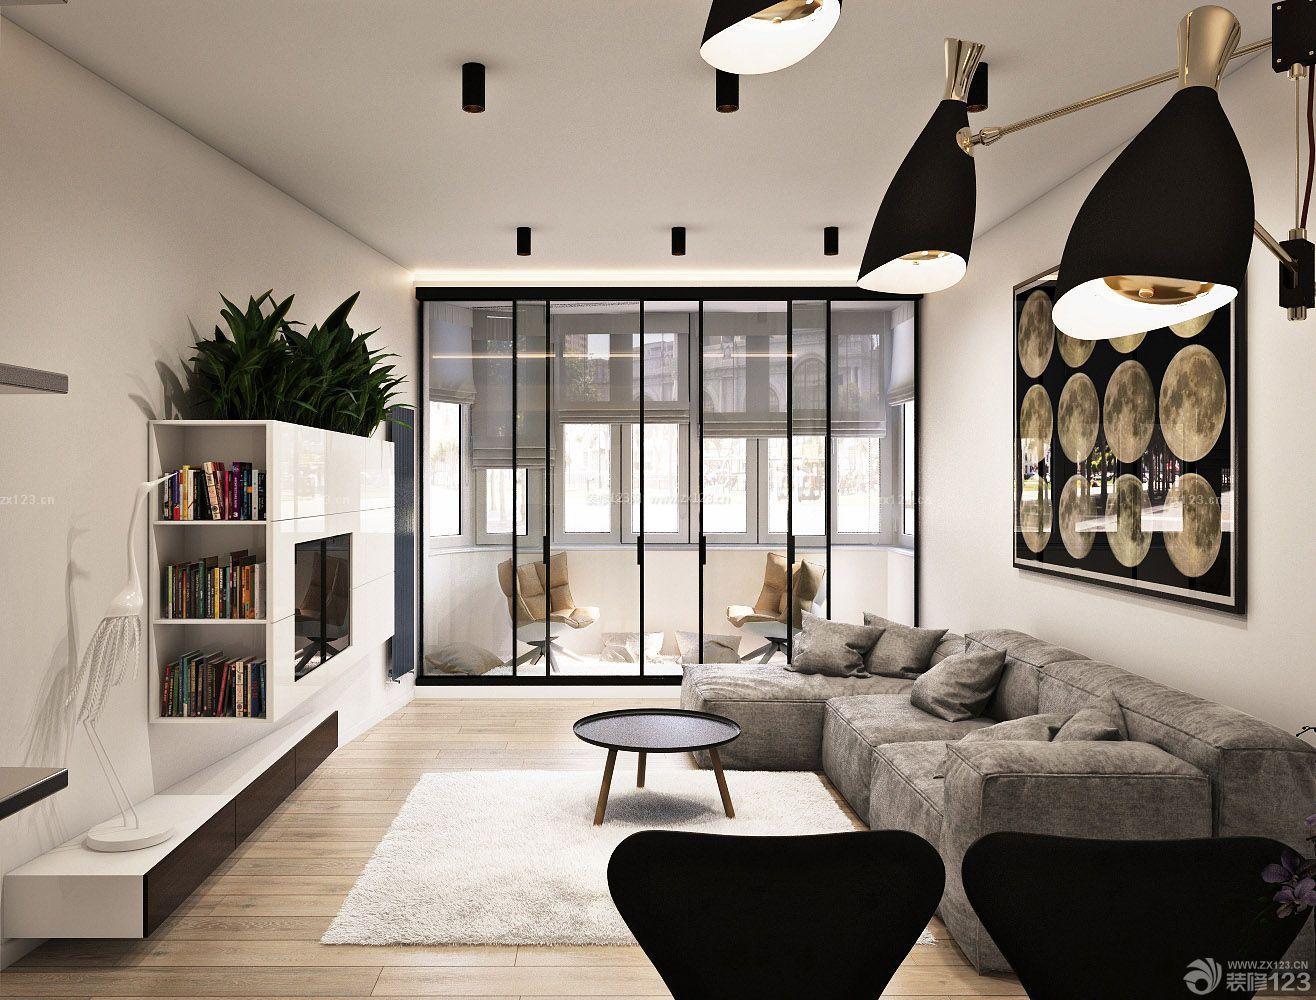 欧式家居装修效果图三室两厅客厅简装图片